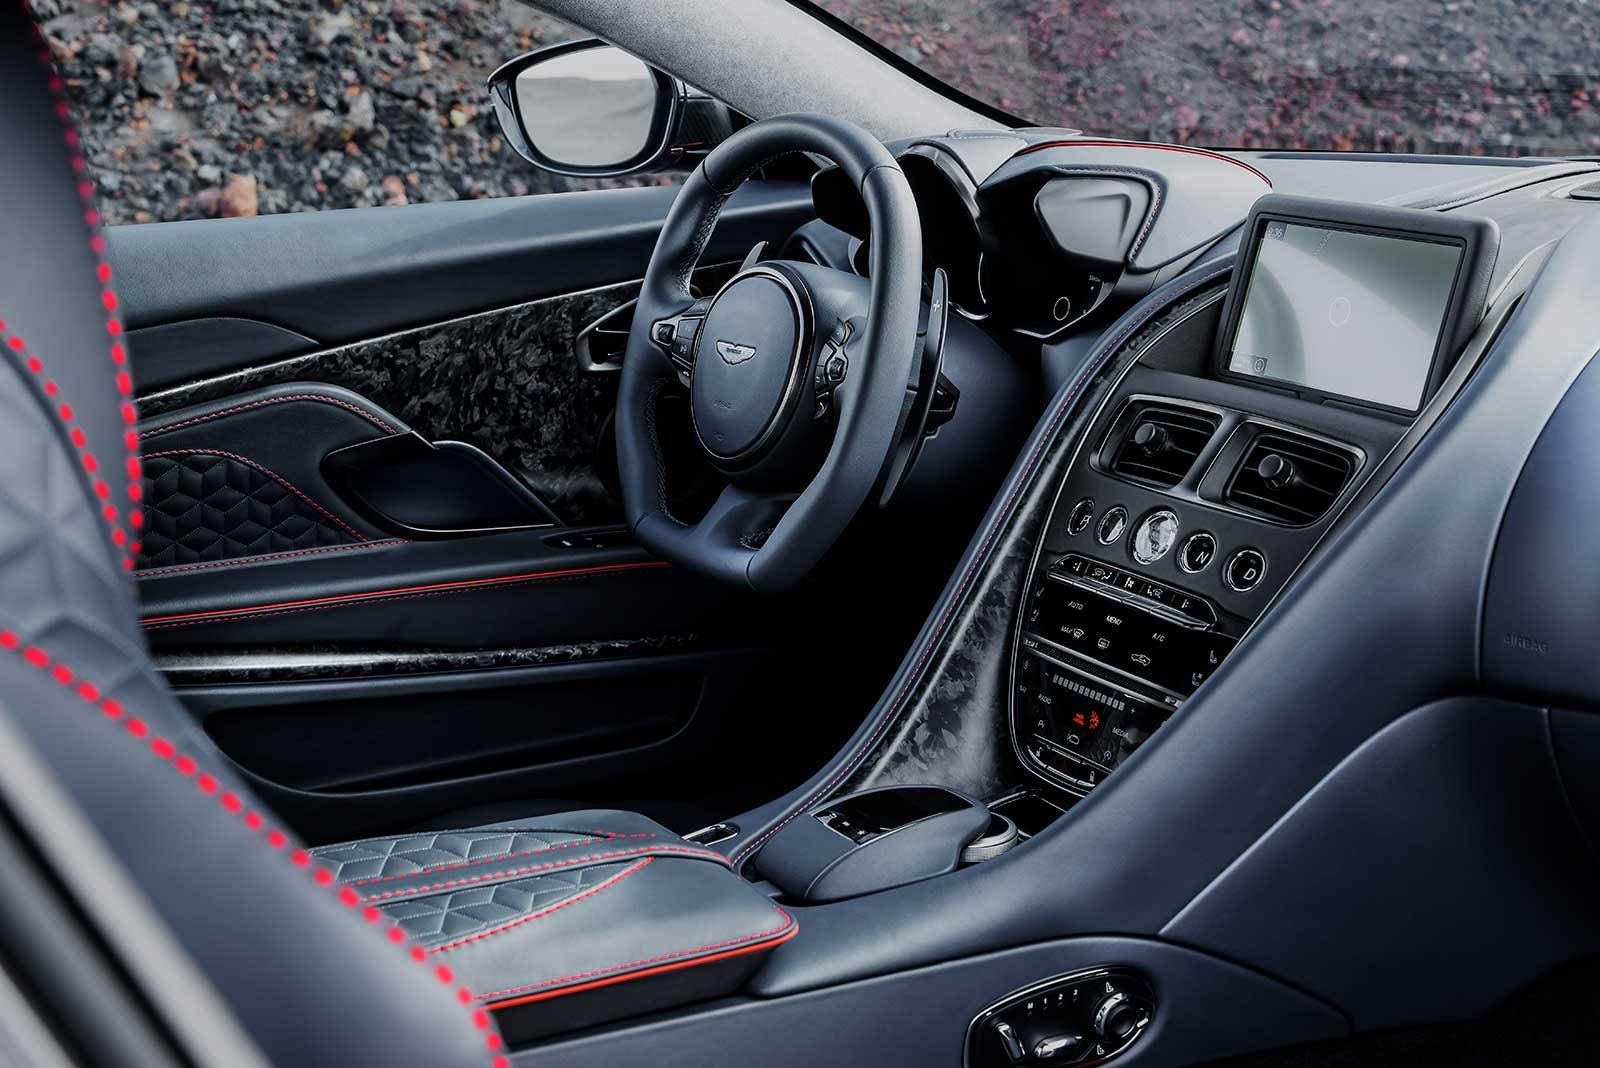 Aston Martin DBS Superleggera 2019 (25)